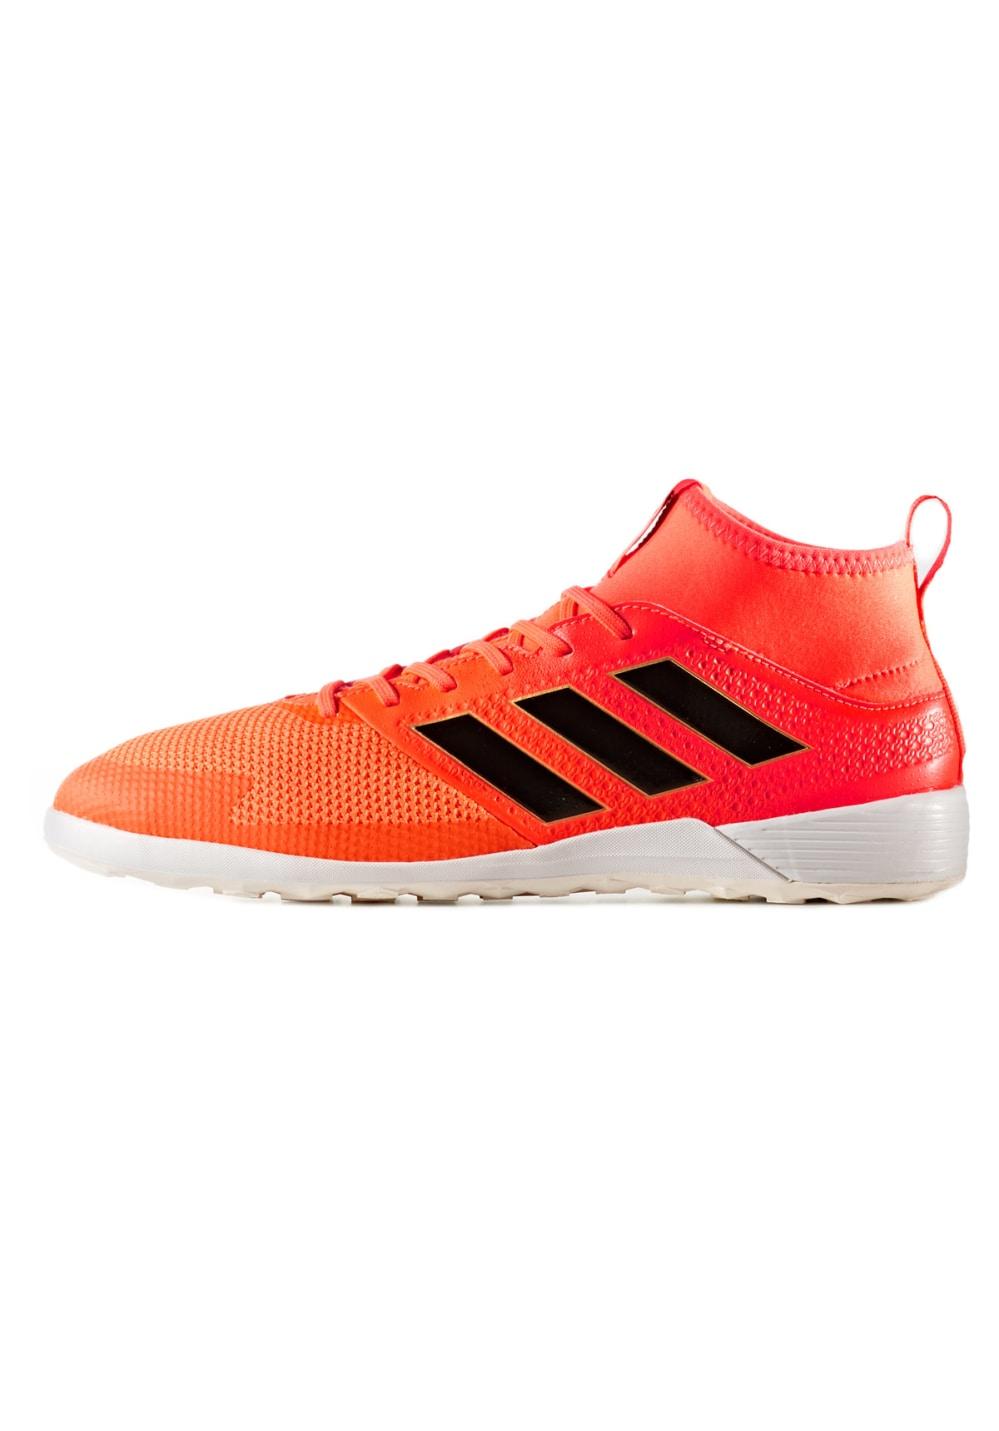 adidas ACE Tango 17.3 Indoor - Fußballschuhe für Herren - Weiß